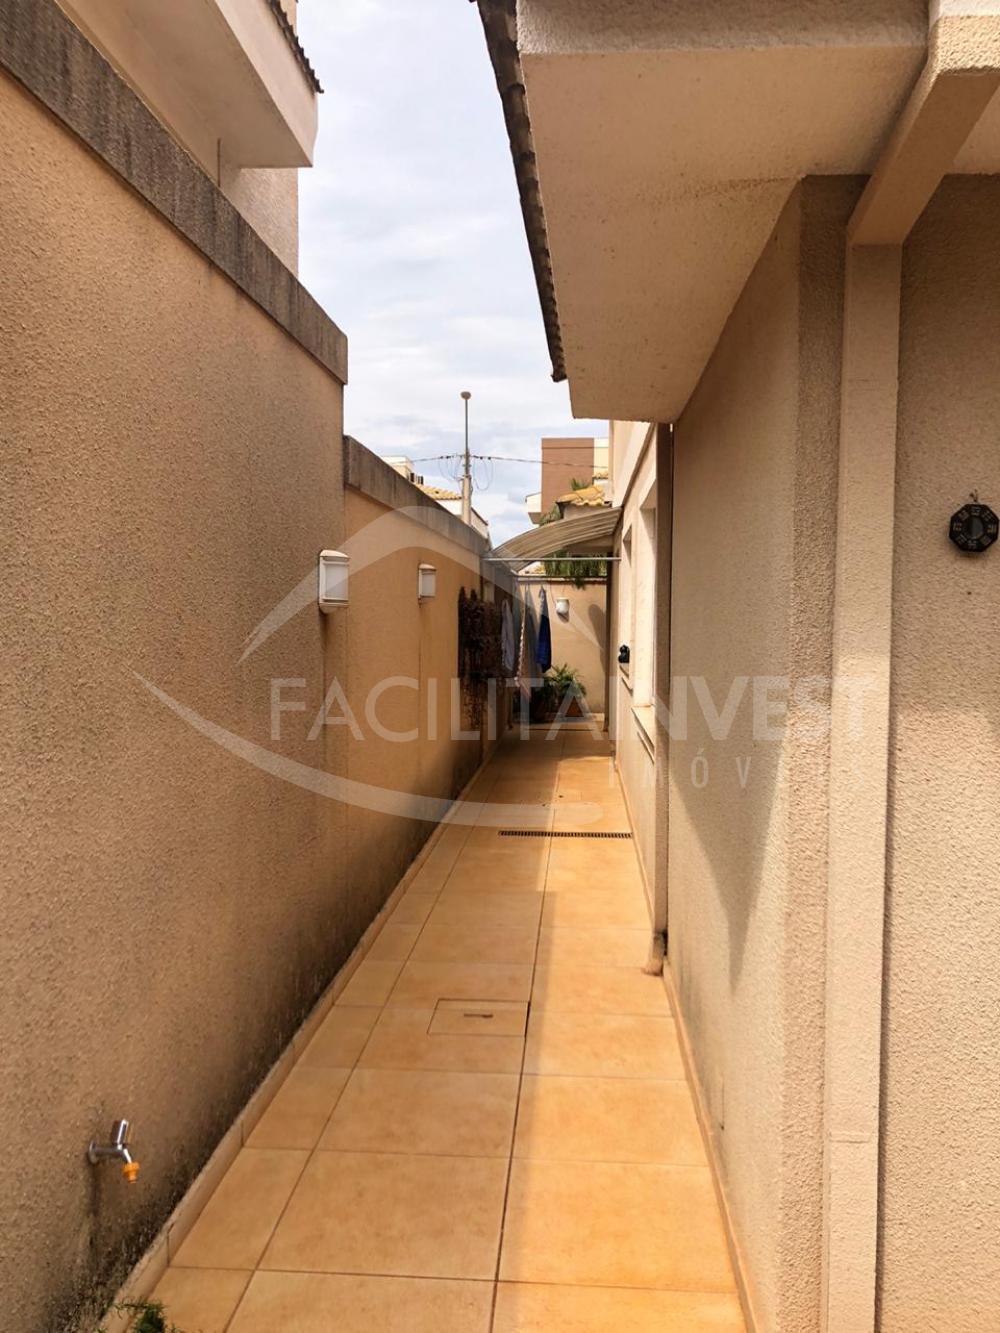 Comprar Casa Condomínio / Casa Condomínio em Ribeirão Preto R$ 930.000,00 - Foto 25